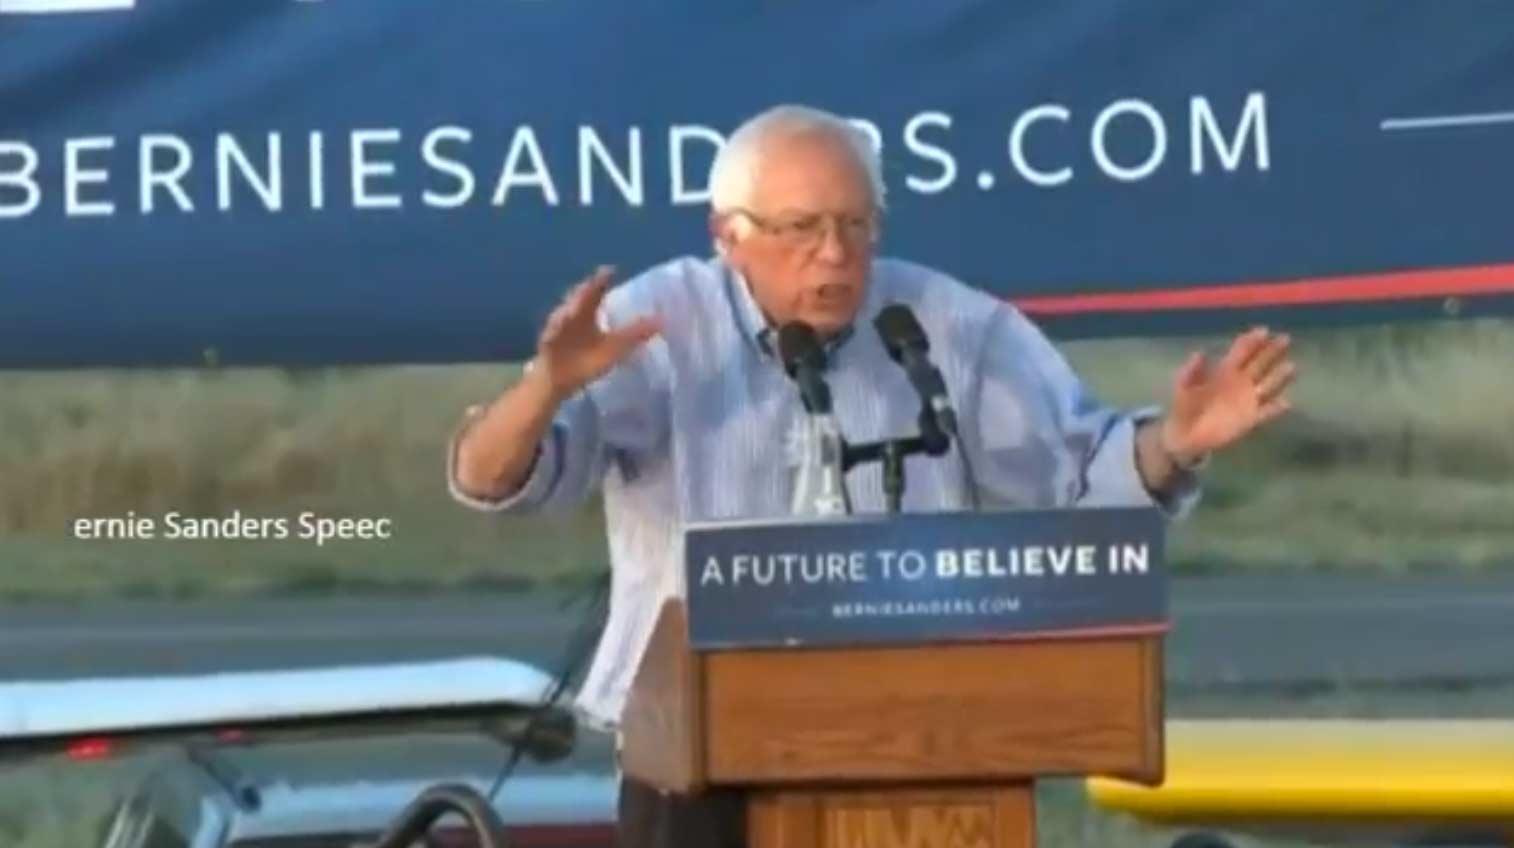 Watch Replay: Bernie Sanders Speaks at Cloverdale, California Rally, June 3